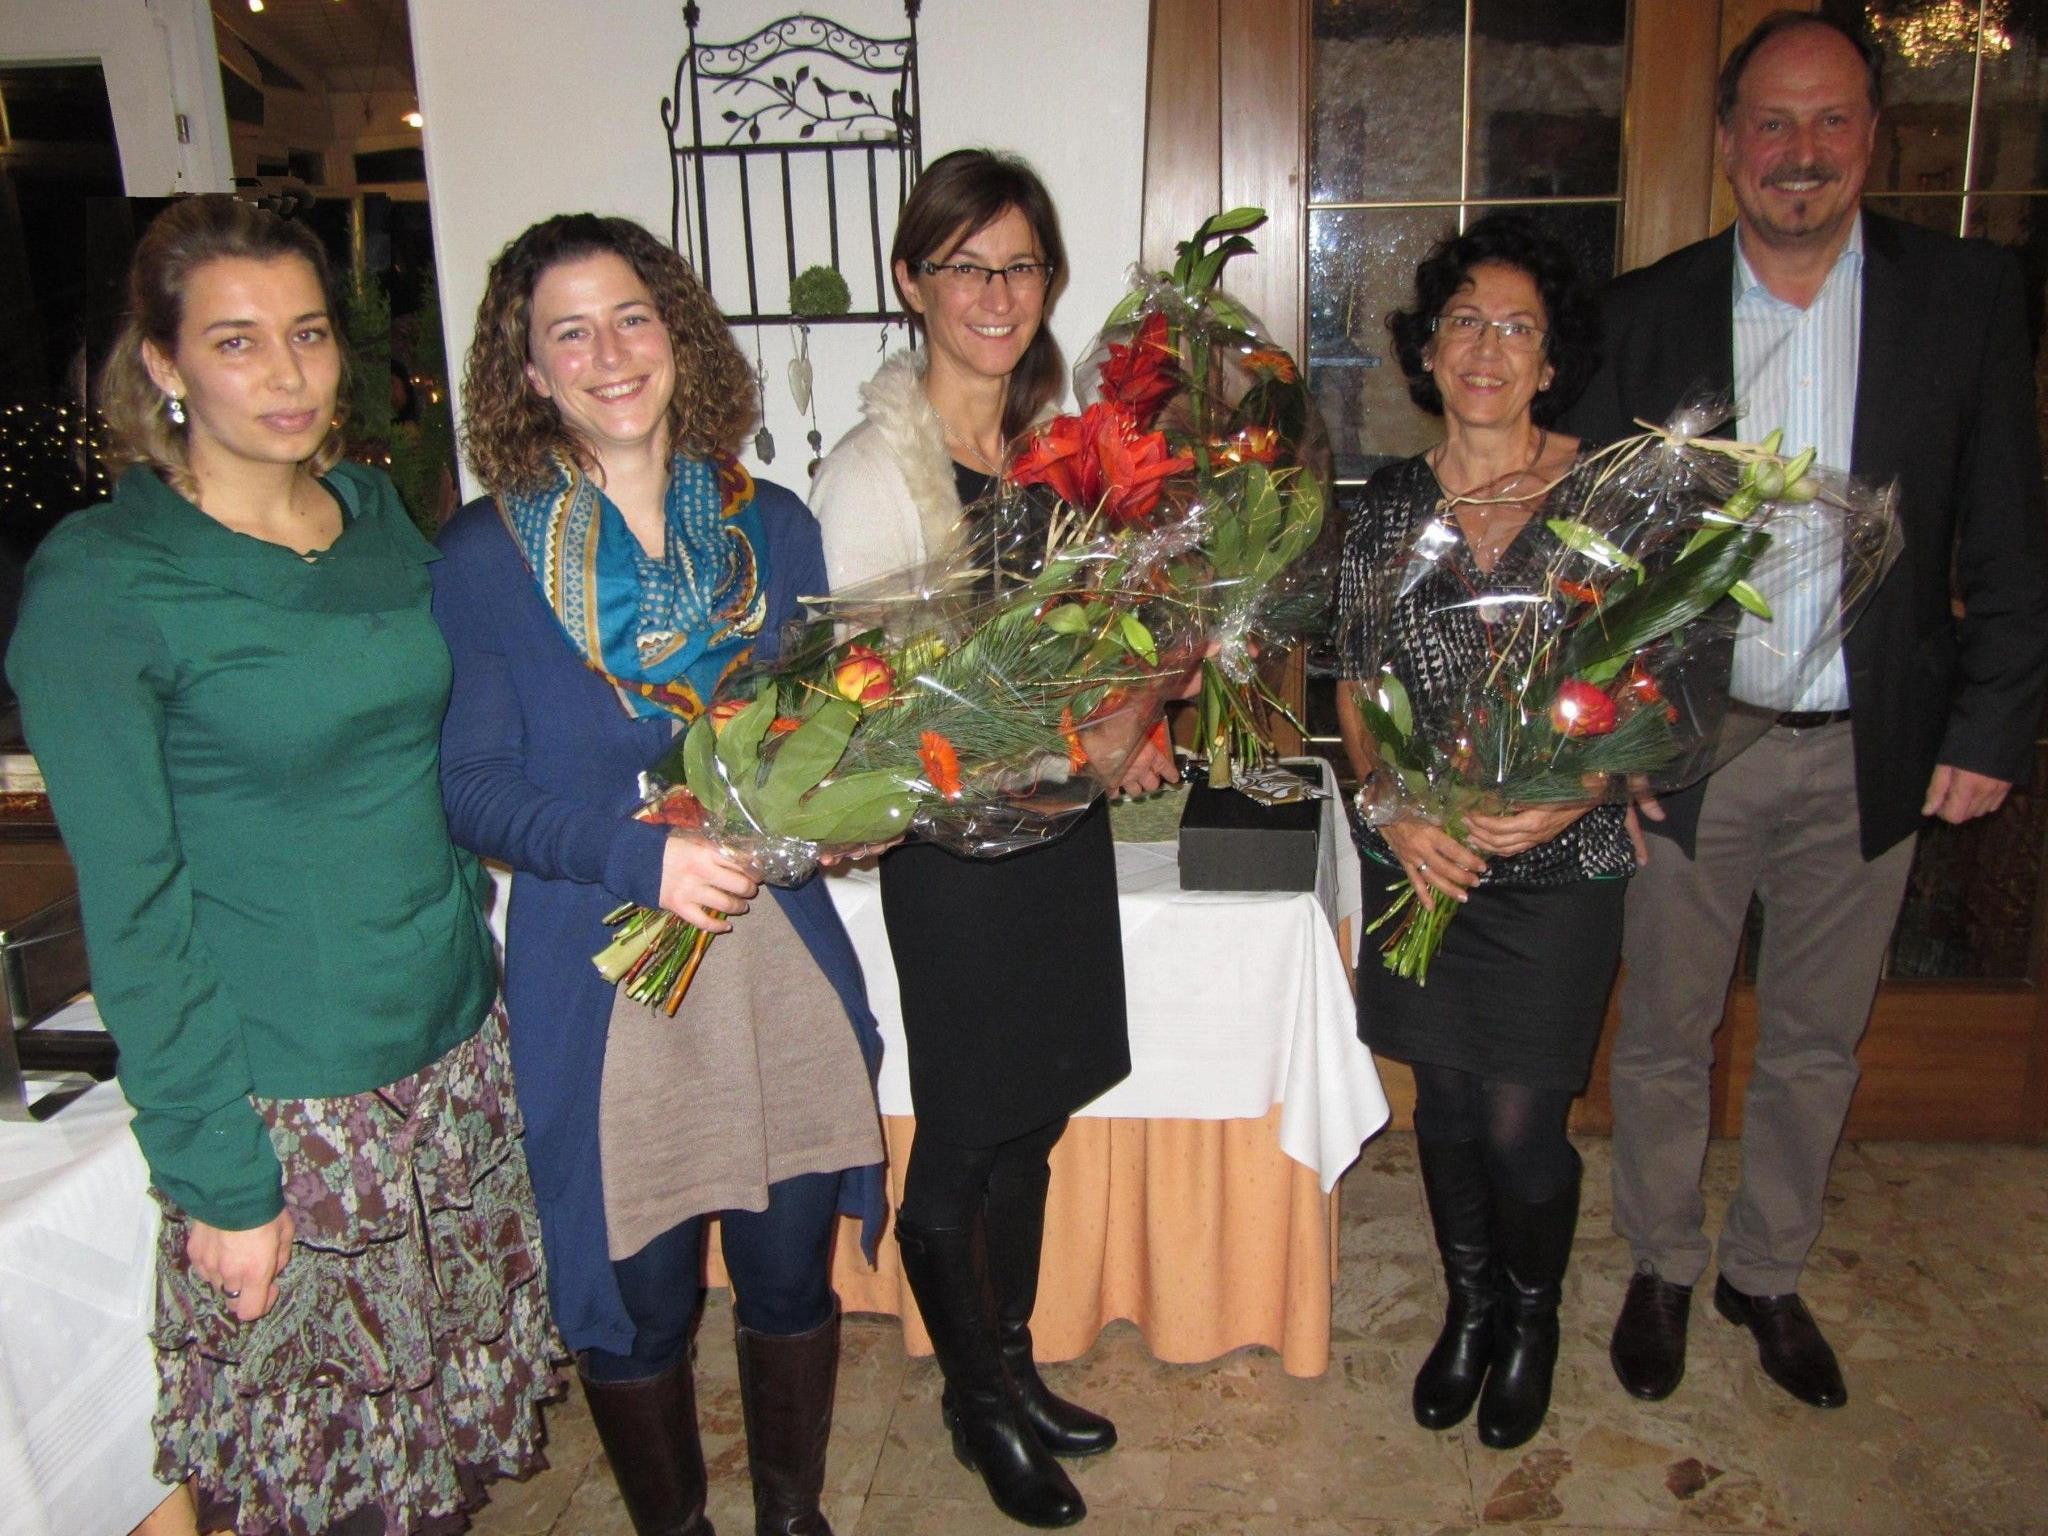 Dr. Beate Malz, Verena Hehle, Karin Greiter, Karin Grote, Bgm Karl Hehle